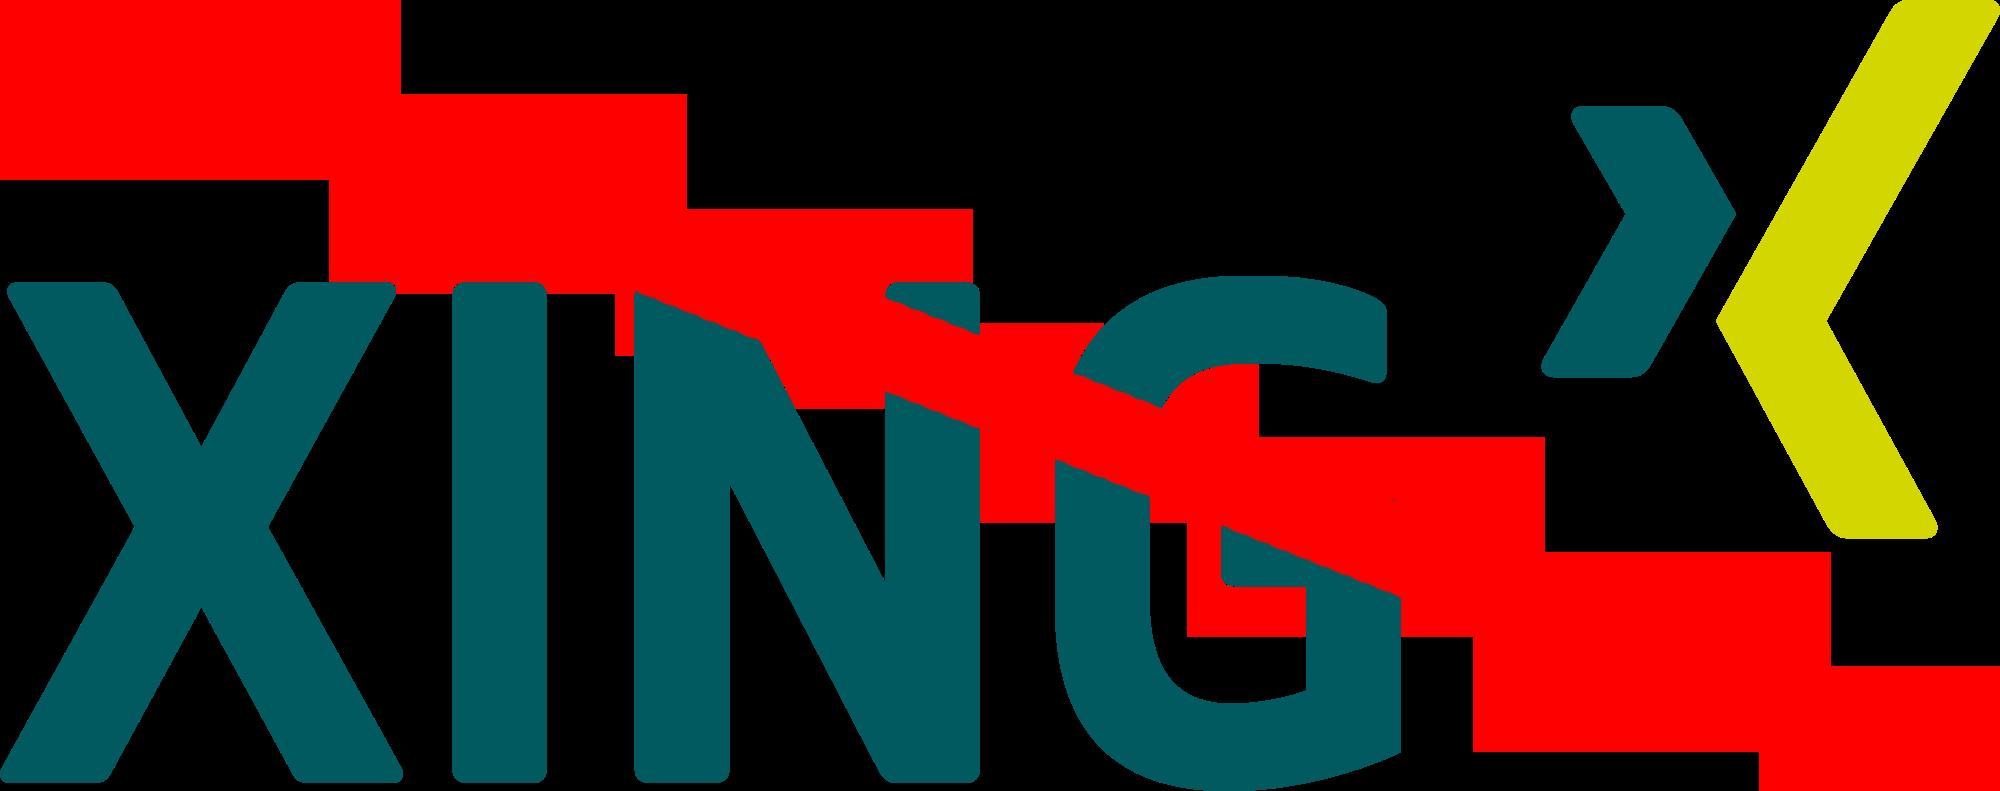 No-xing.png